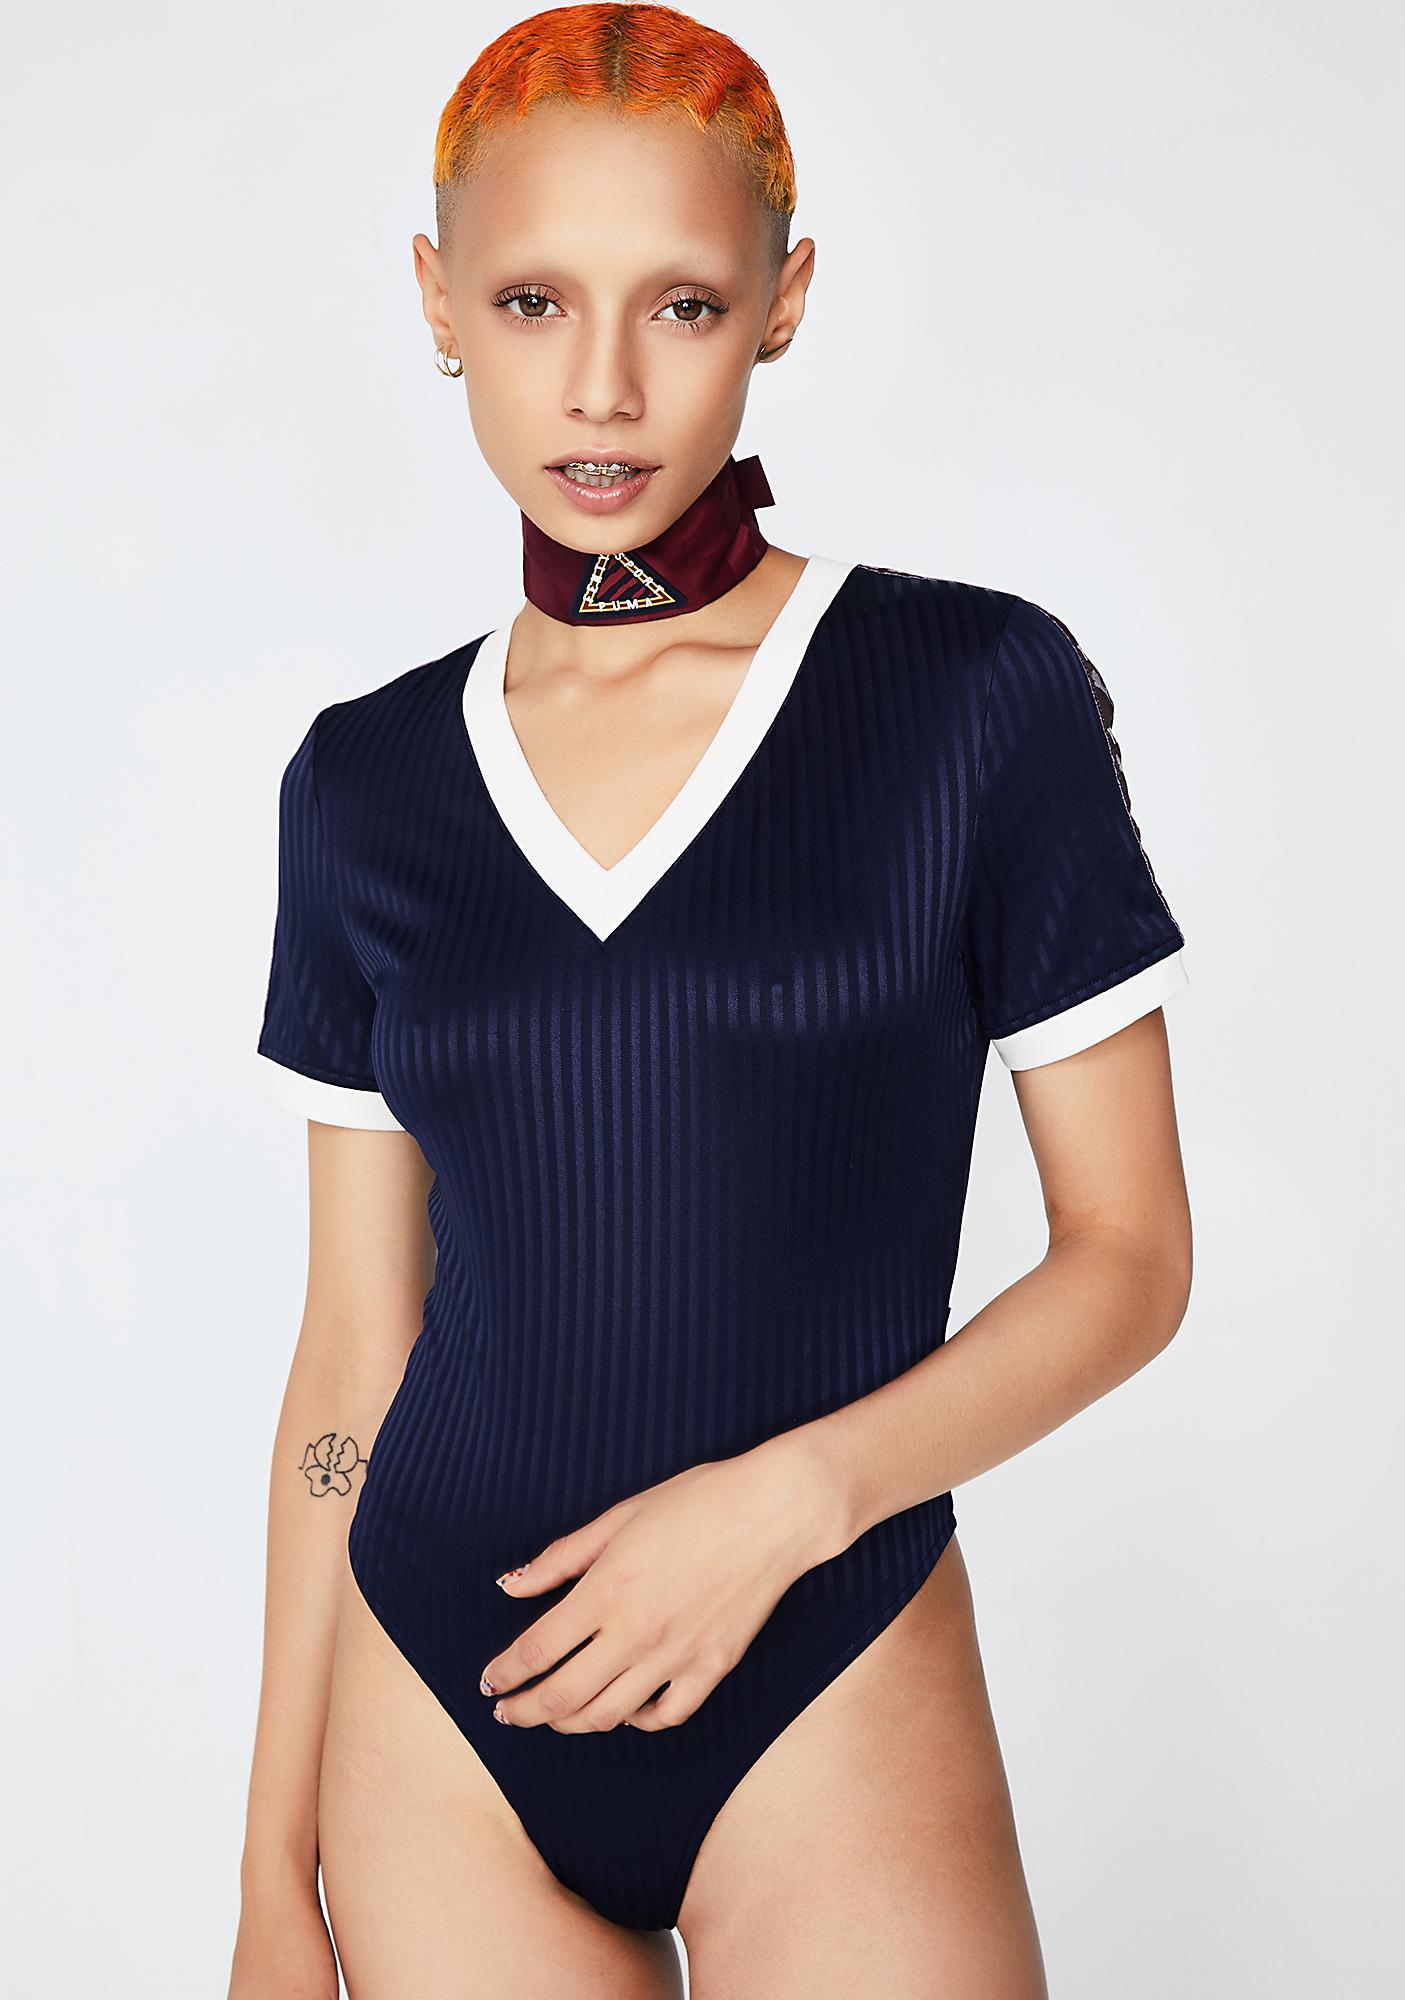 PUMA FENTY PUMA By Rihanna V-Neck Jersey Bodysuit